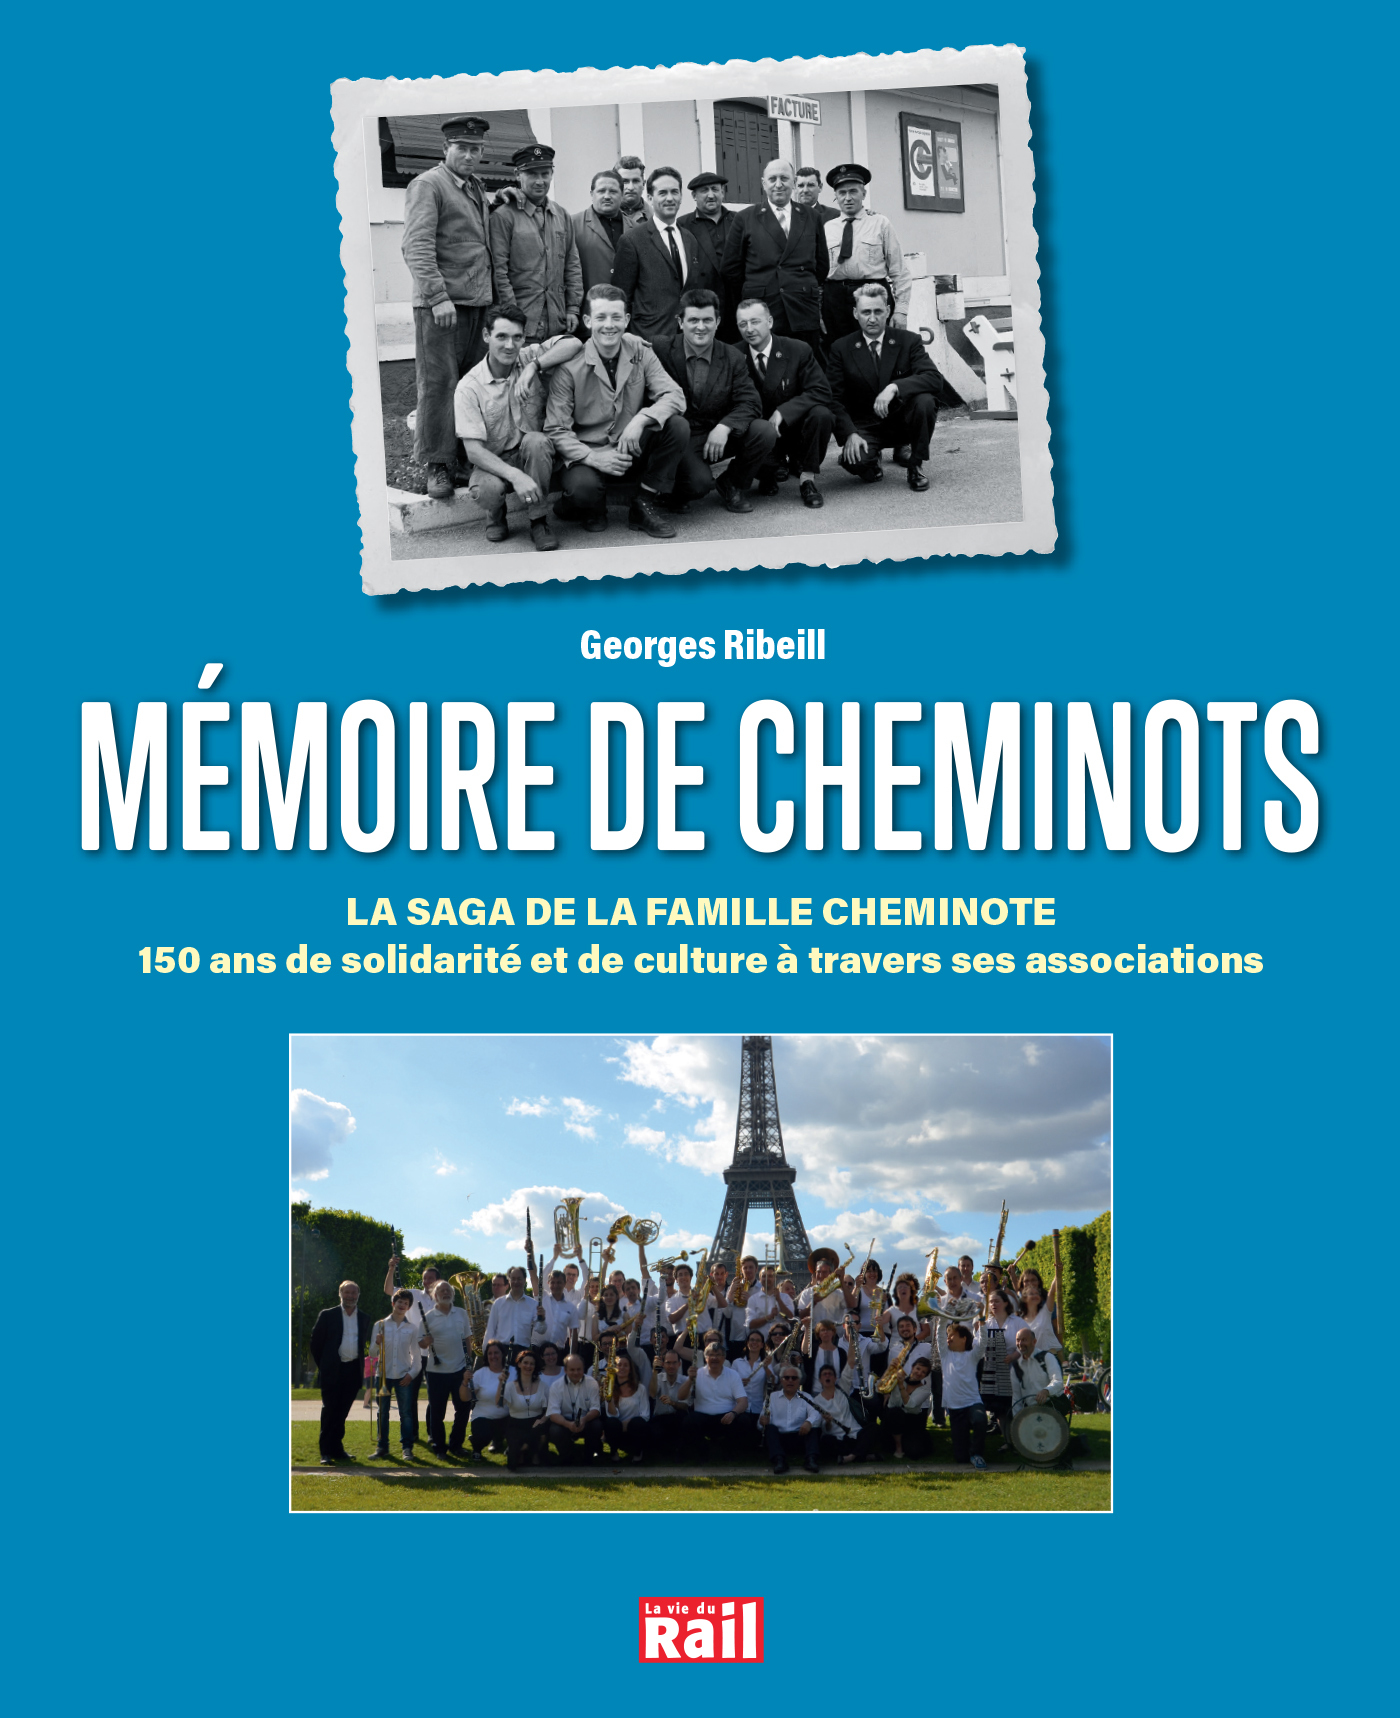 MEMOIRE DE CHEMINOTS